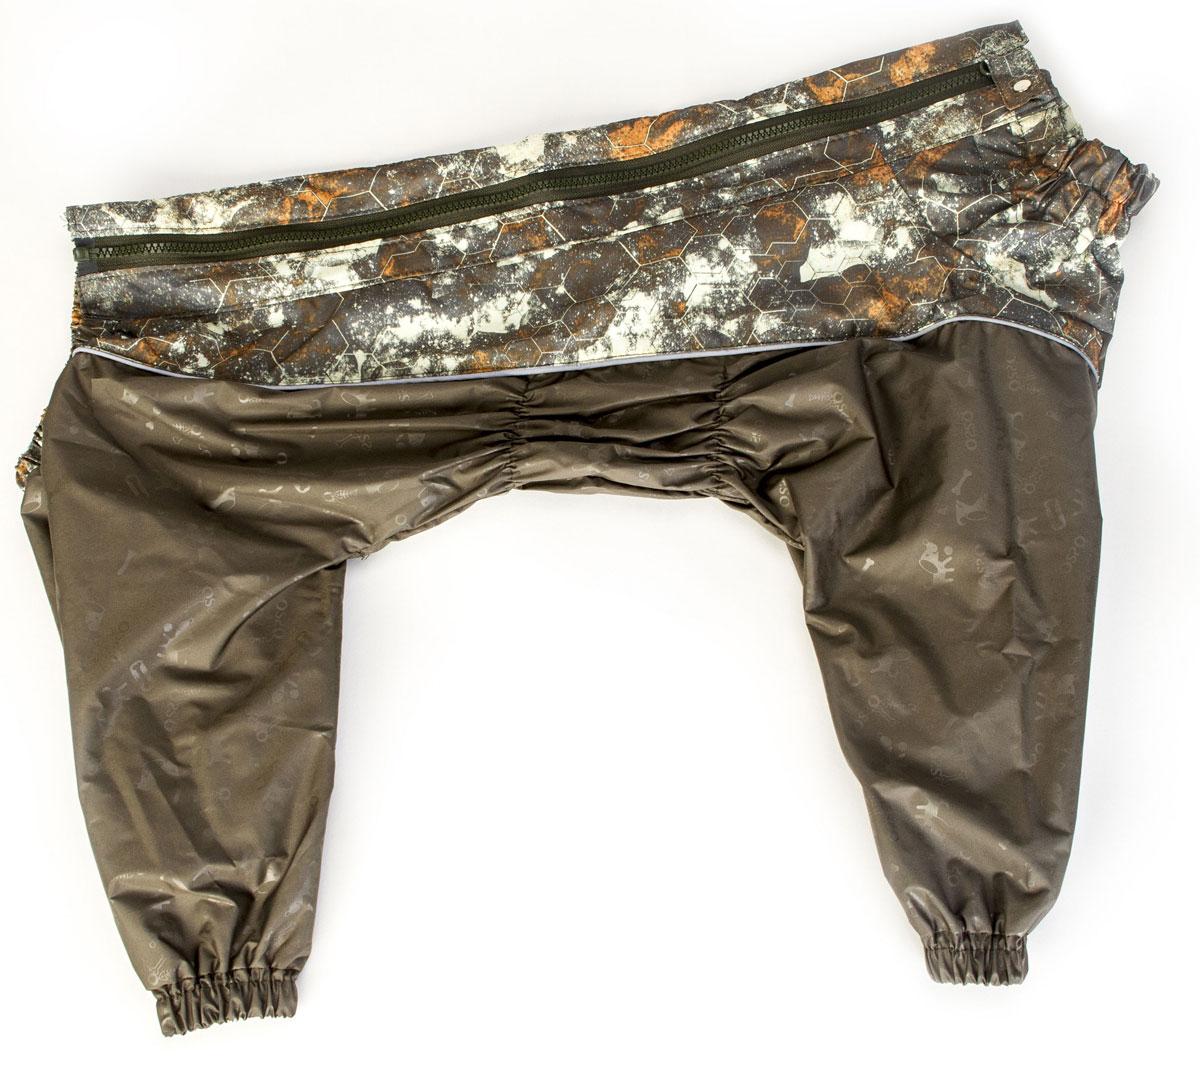 Комбинезон для собак OSSO Fashion, для мальчика, цвет: хаки. Размер 70К-1038-хаки-вставкаКомбинезон для собак OSSO Fashion изготовлен из водоотталкивающей и ветрозащитной ткани (100% полиэстер). Предназначен для прогулок в межсезонье, в сырую погоду для защиты собаки от грязи и воды. В комбинезоне используется отделка со светоотражающим кантом и тракторная молния со светоотражающей полосой. Комбинезон для собак эргономичен, удобен, не сковывает движений собаки при беге, во время игры и при дрессировке. Комфортная посадка по корпусу достигается за счет резинок-утяжек под грудью и животом. На воротнике имеется кнопка для фиксации. От попадания воды и грязи внутрь комбинезона низ штанин также собран на резинку. Длина спинки: 70 см. Объем груди: 74-104 см.